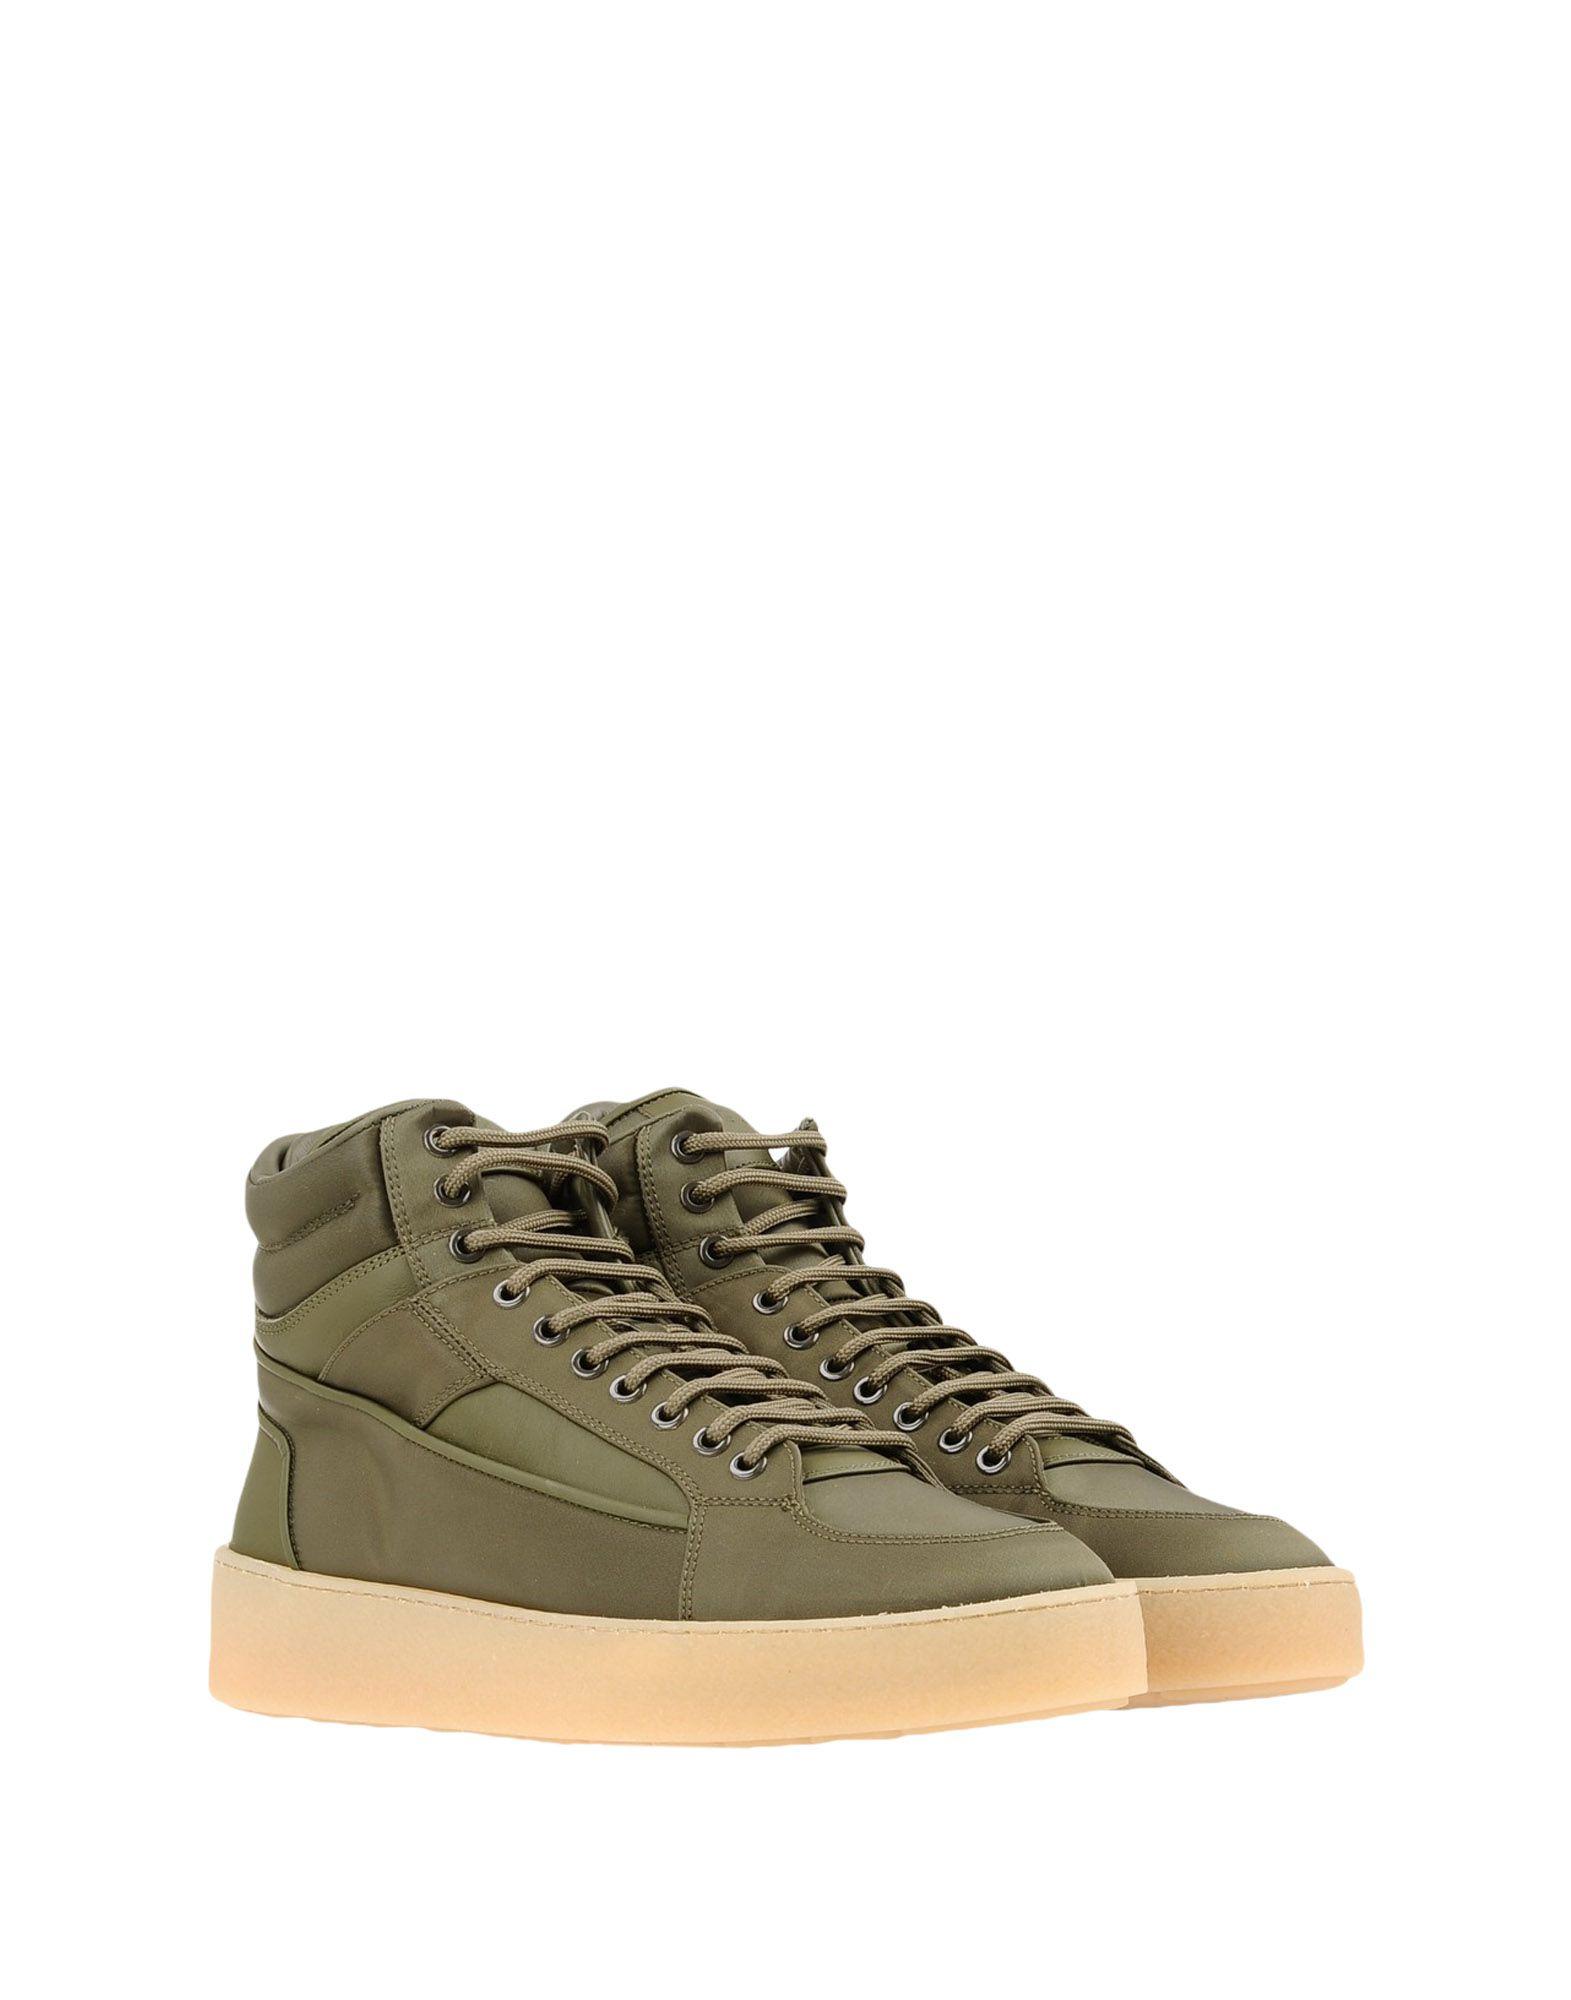 Etq Amsterdam Sneakers Herren  11366701PA Neue Schuhe Schuhe Neue d64d88